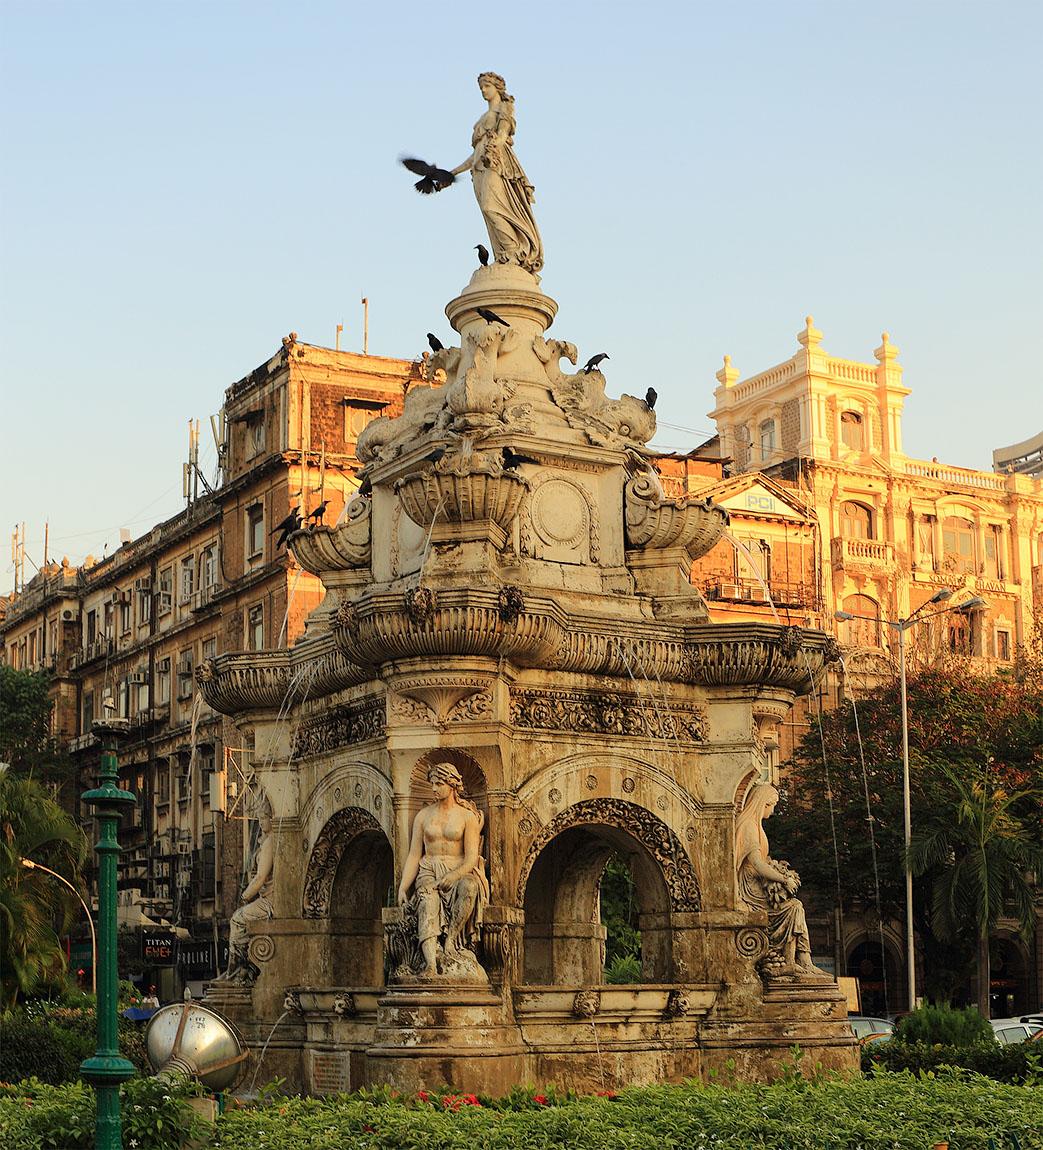 Фотография 21. Фонтан Флора. Наш фоторепортаж о поездке в Мумбаи в Индии.